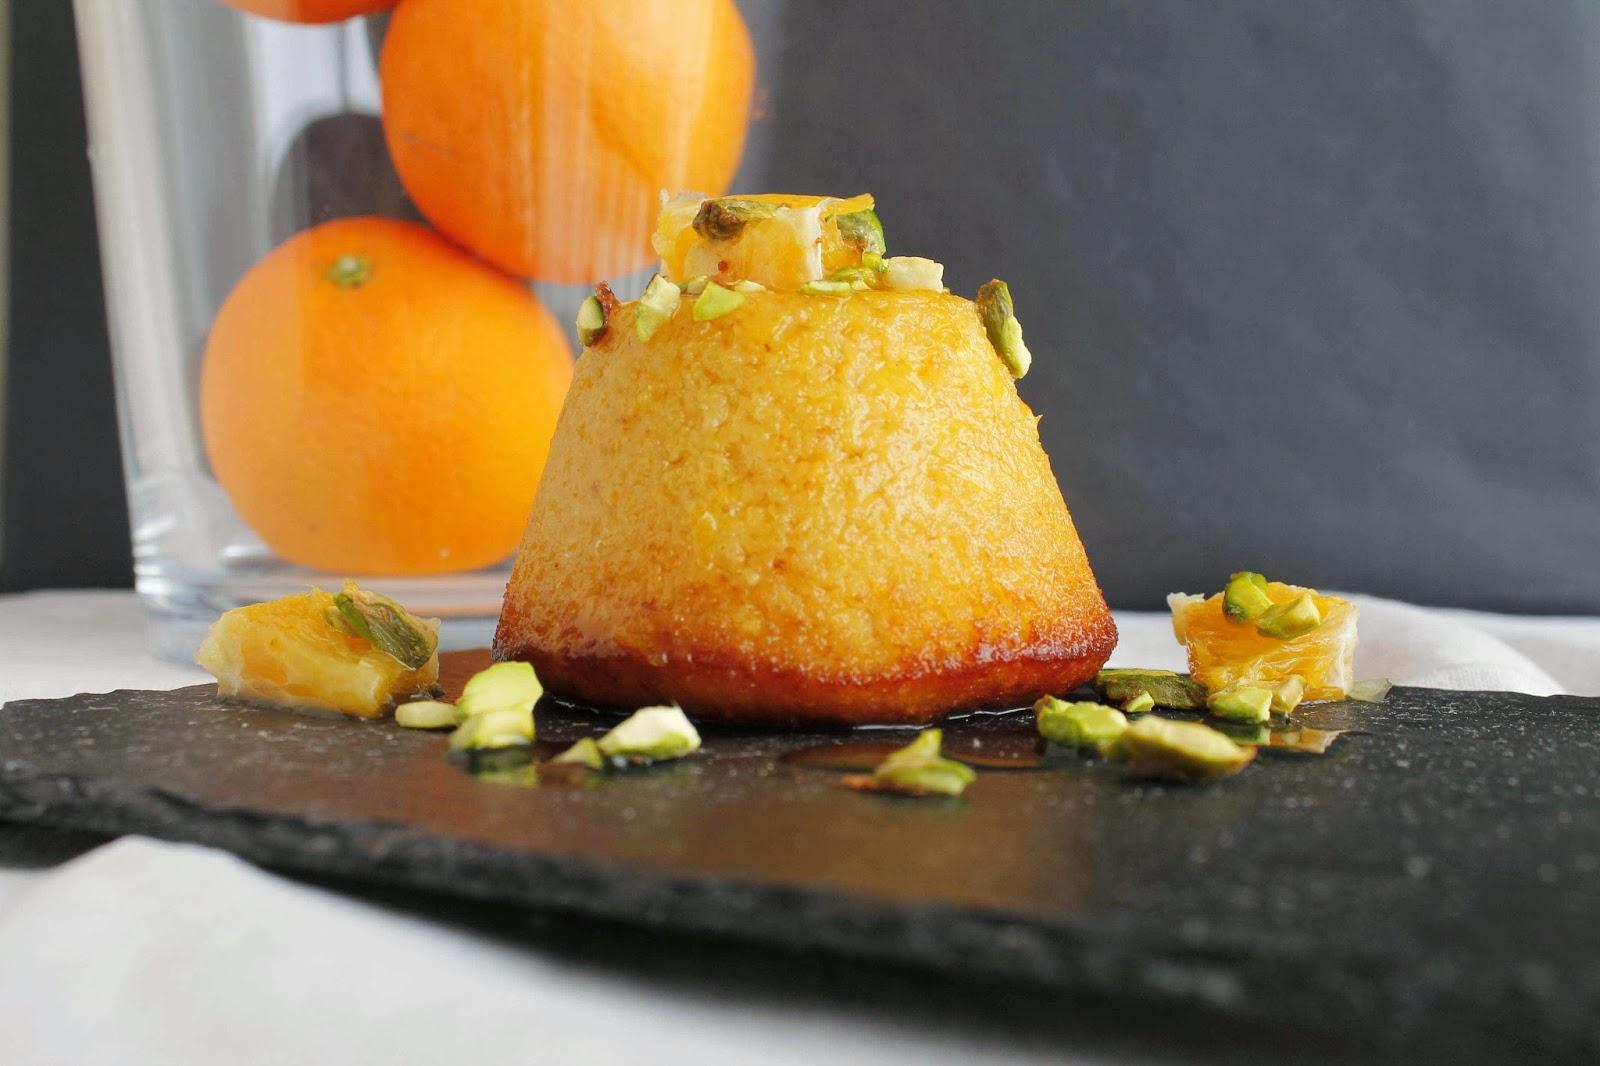 Receta Sicilian orange cakes